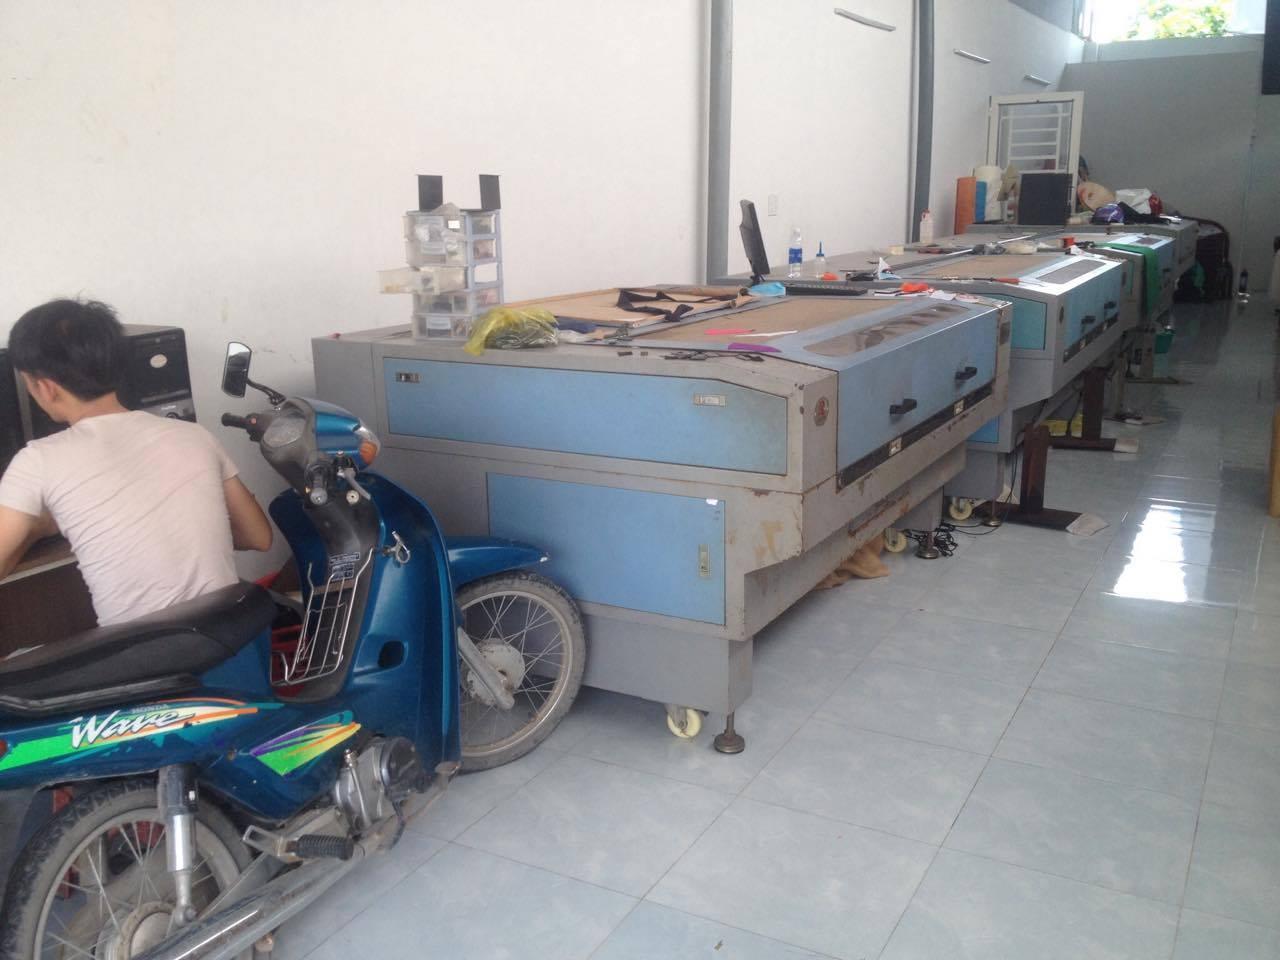 Hệ thống máy cắt laser vải của Laser Khải Hoàn